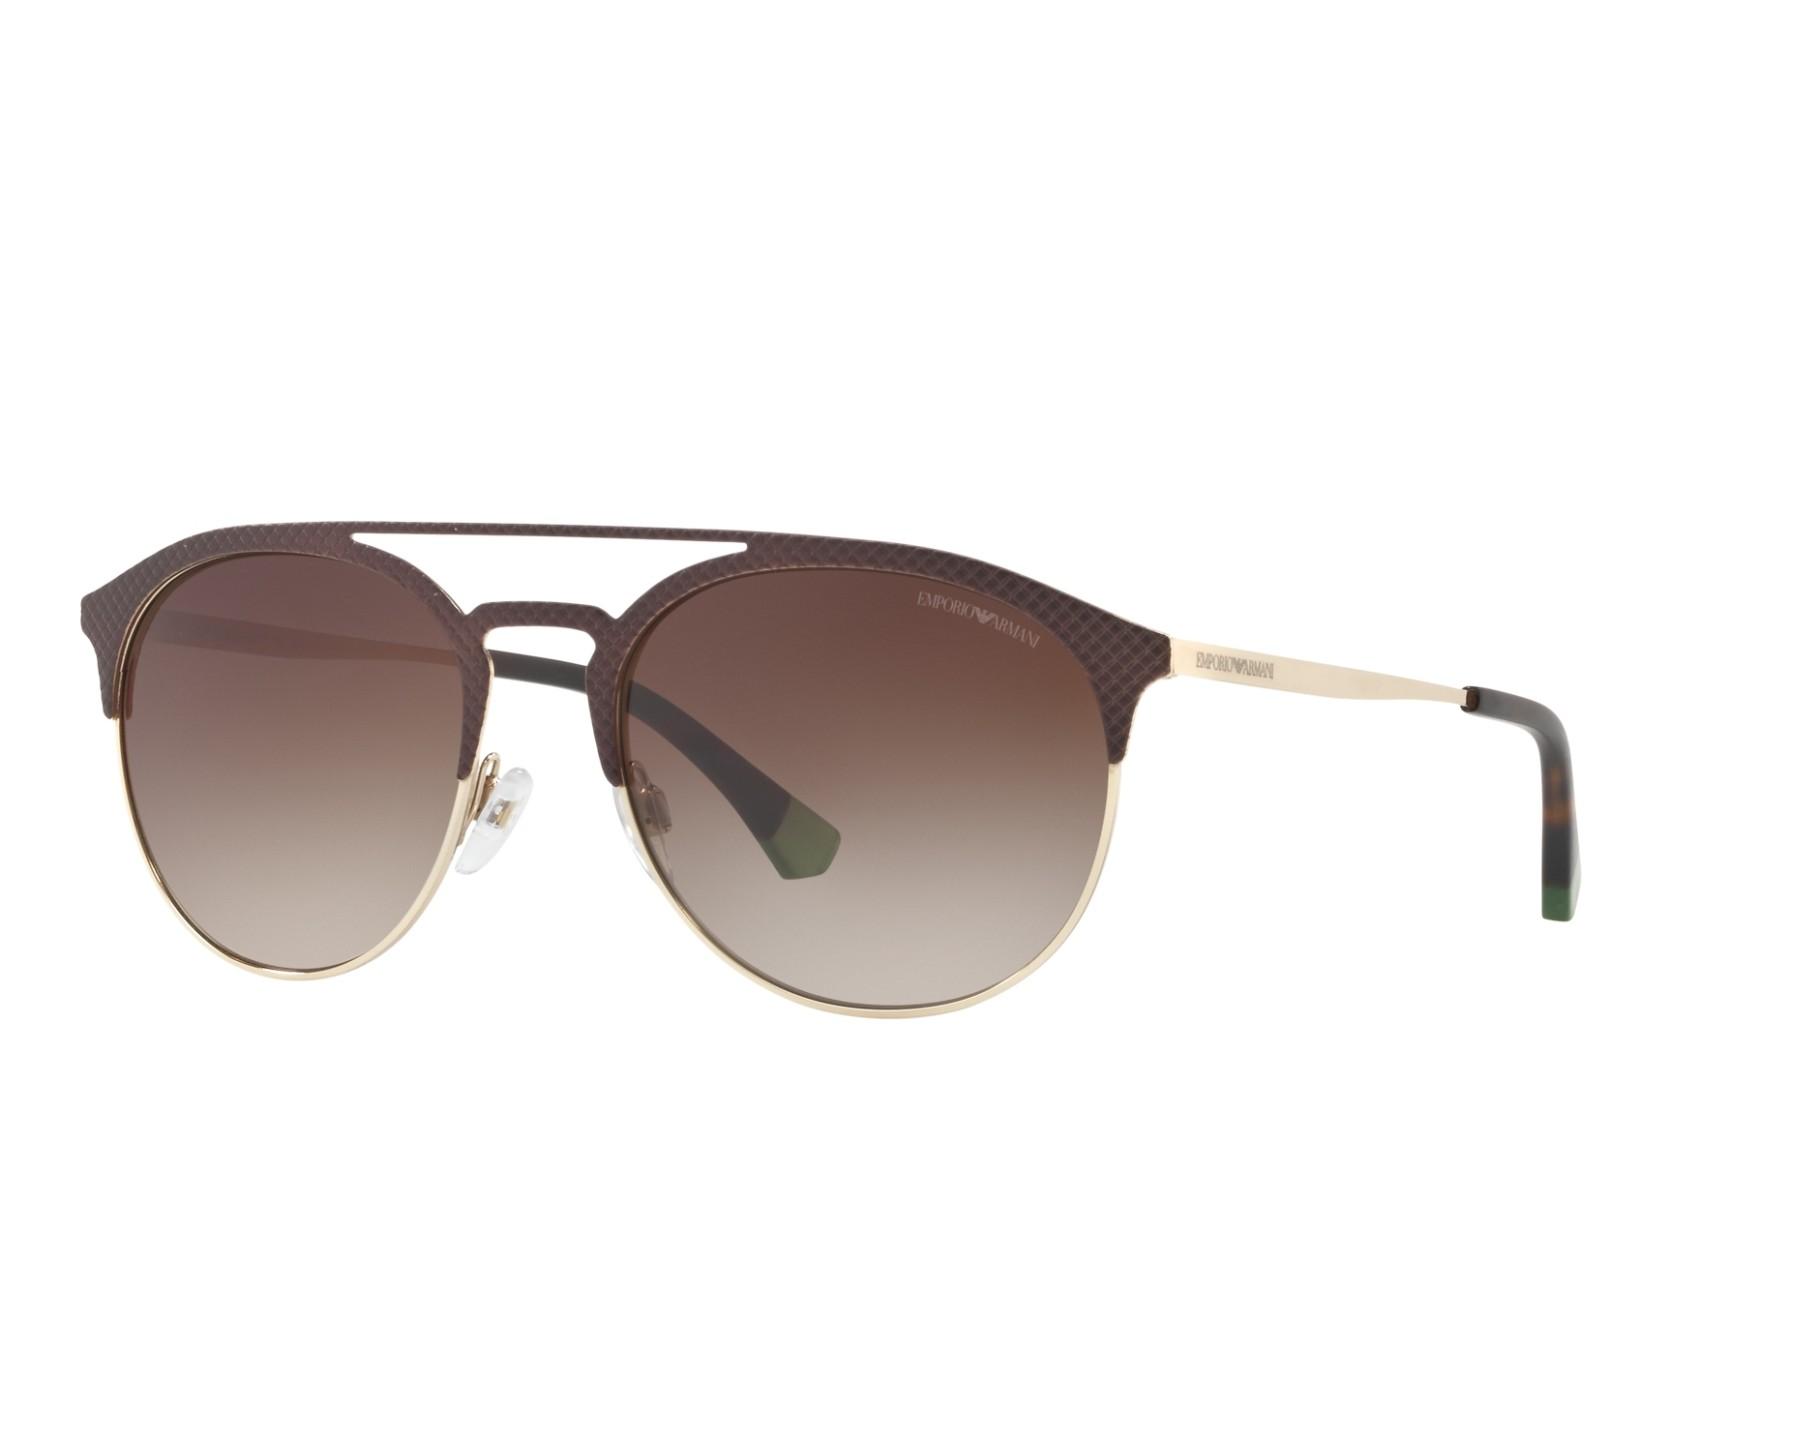 51a161660693 Sunglasses Emporio Armani EA-2052 3182 13 56-19 Brown Gold